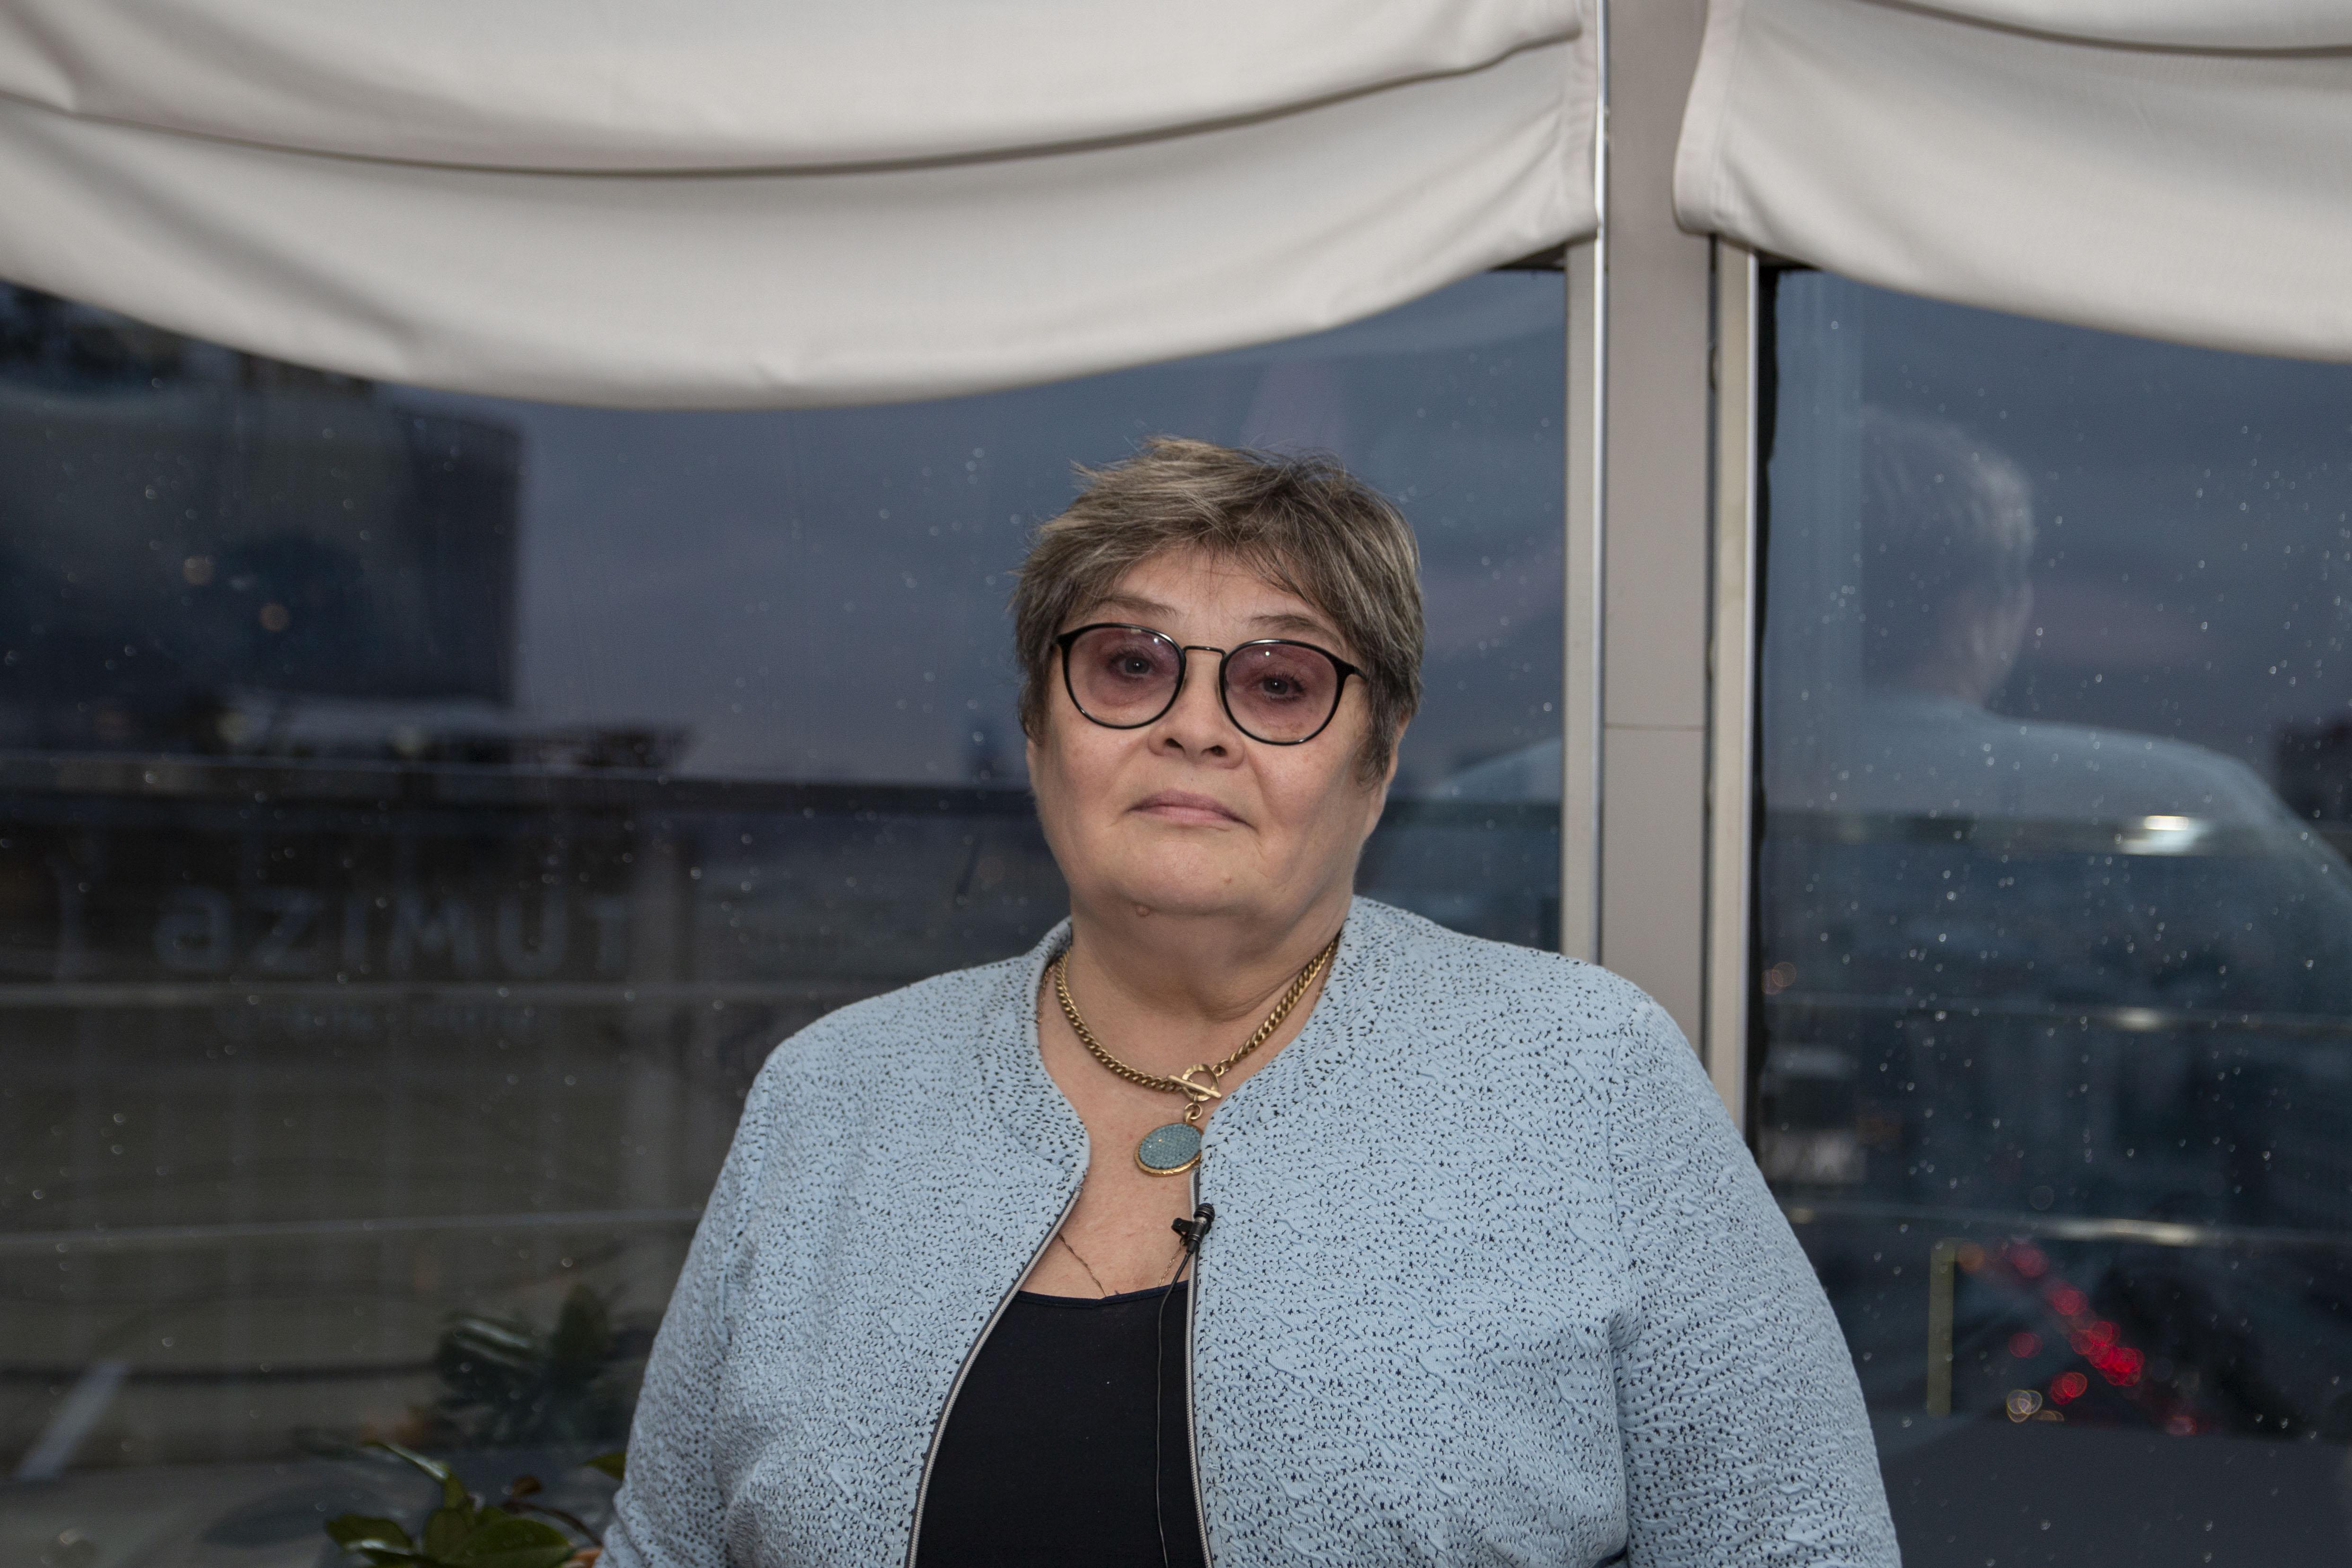 Эксперты конкурса оценили первые итоги заявочной кампании: мнение Ирины Абанкиной